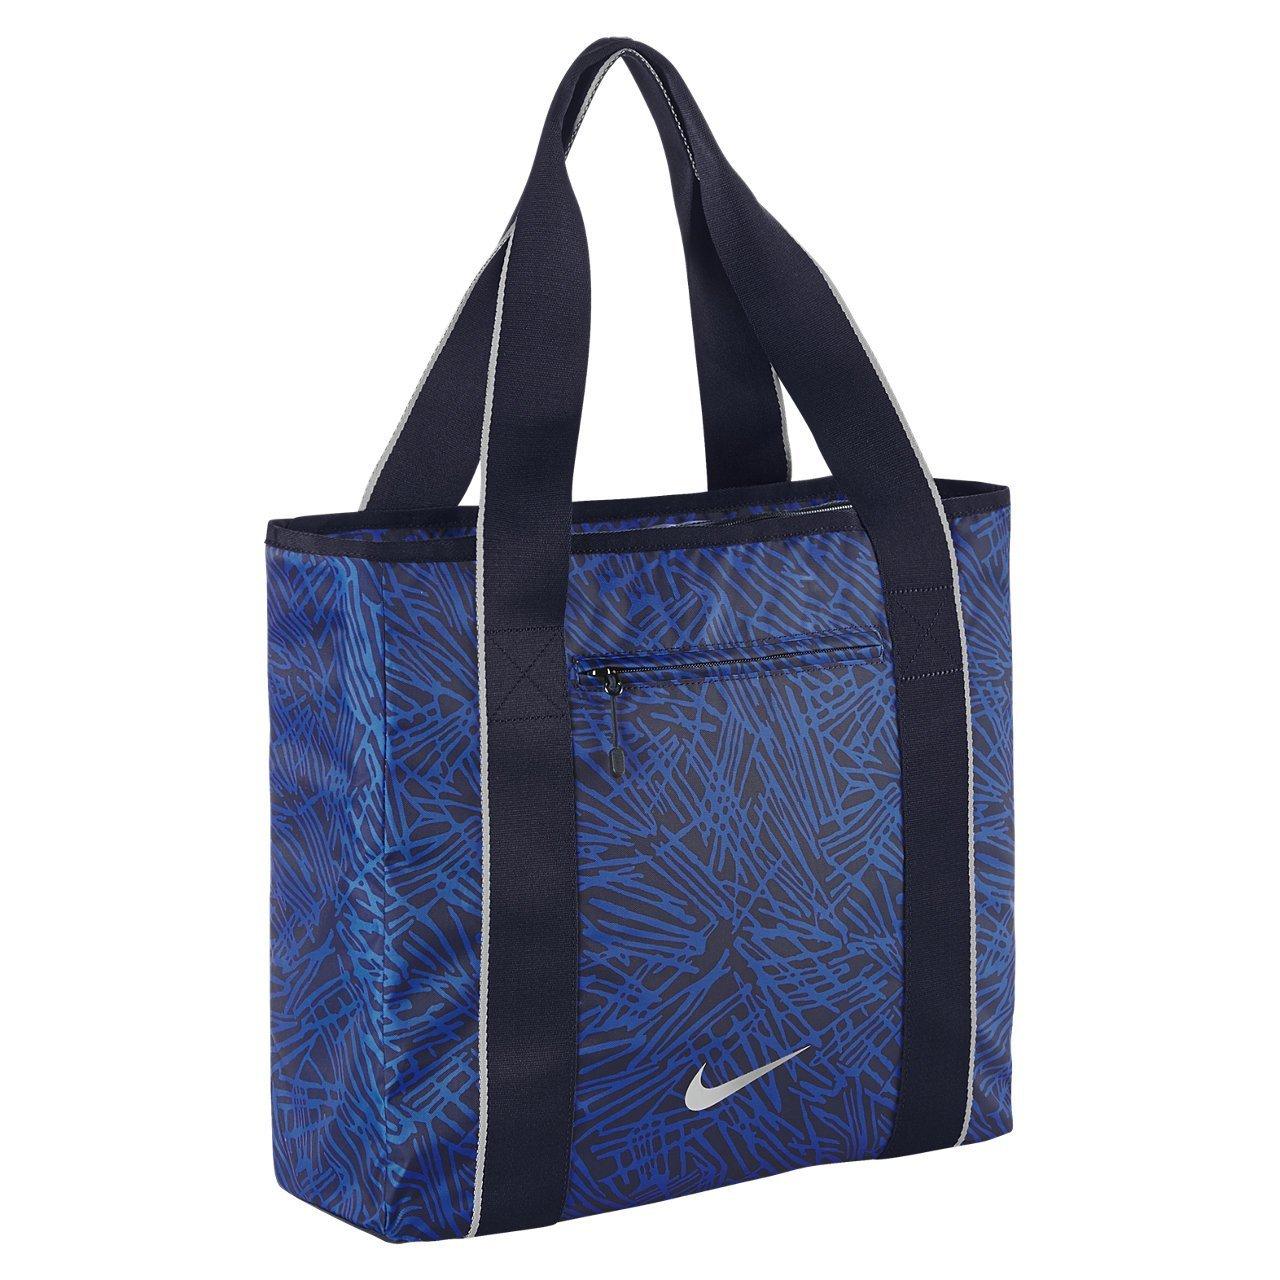 2b9acdf5640f8 Nike Azeda Tote Bag  Amazon.co.uk  Sports   Outdoors